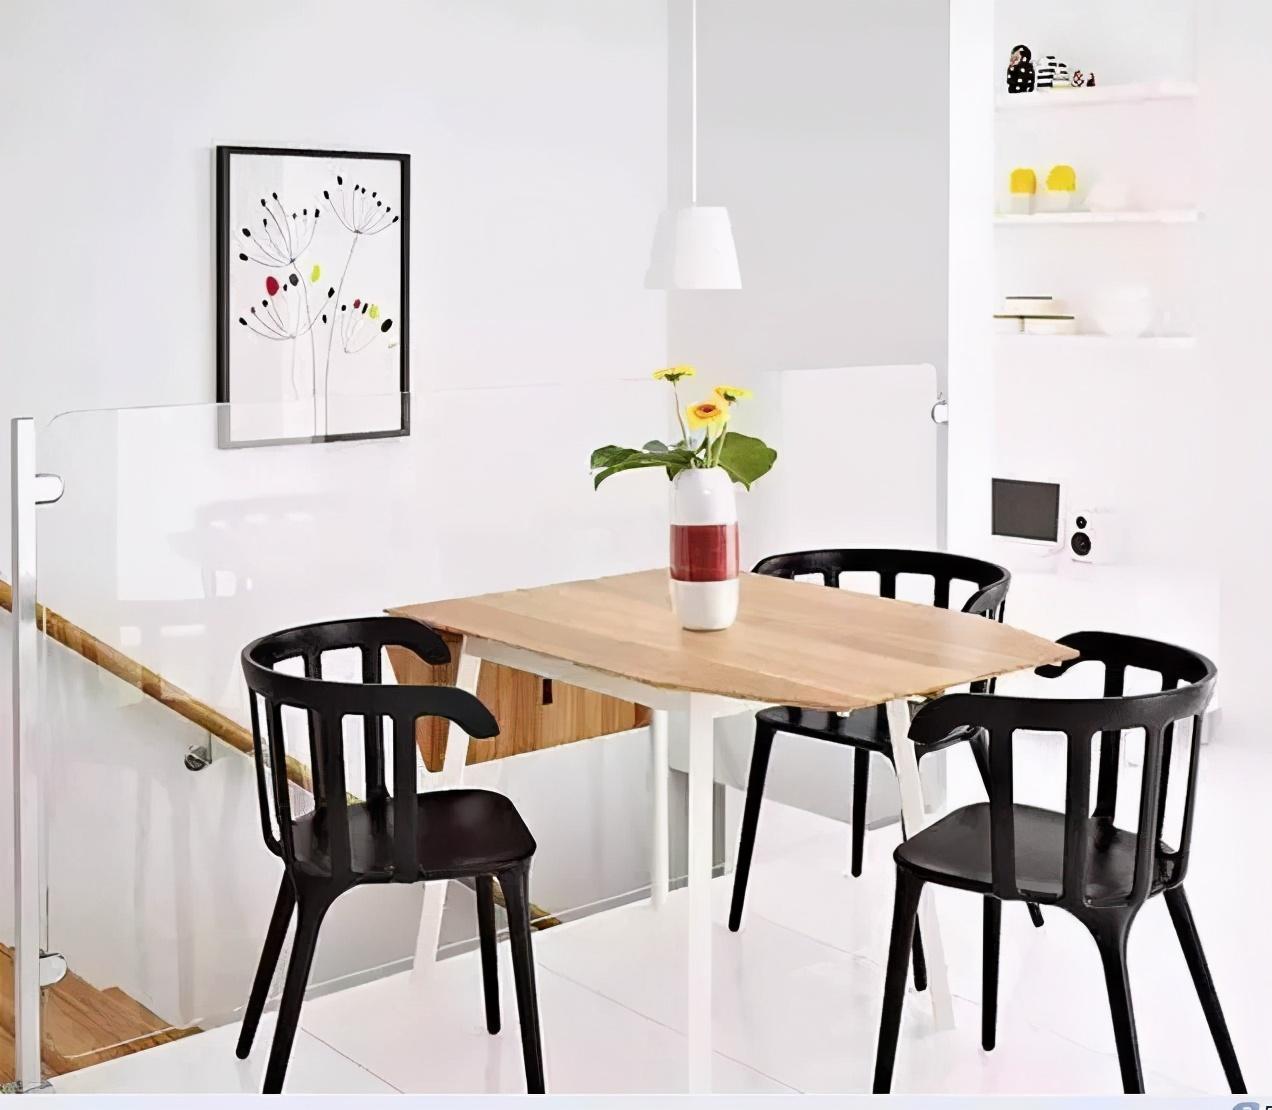 关于小户型的餐厅设计,4条建议要牢记,麻雀虽小但实用性不能输